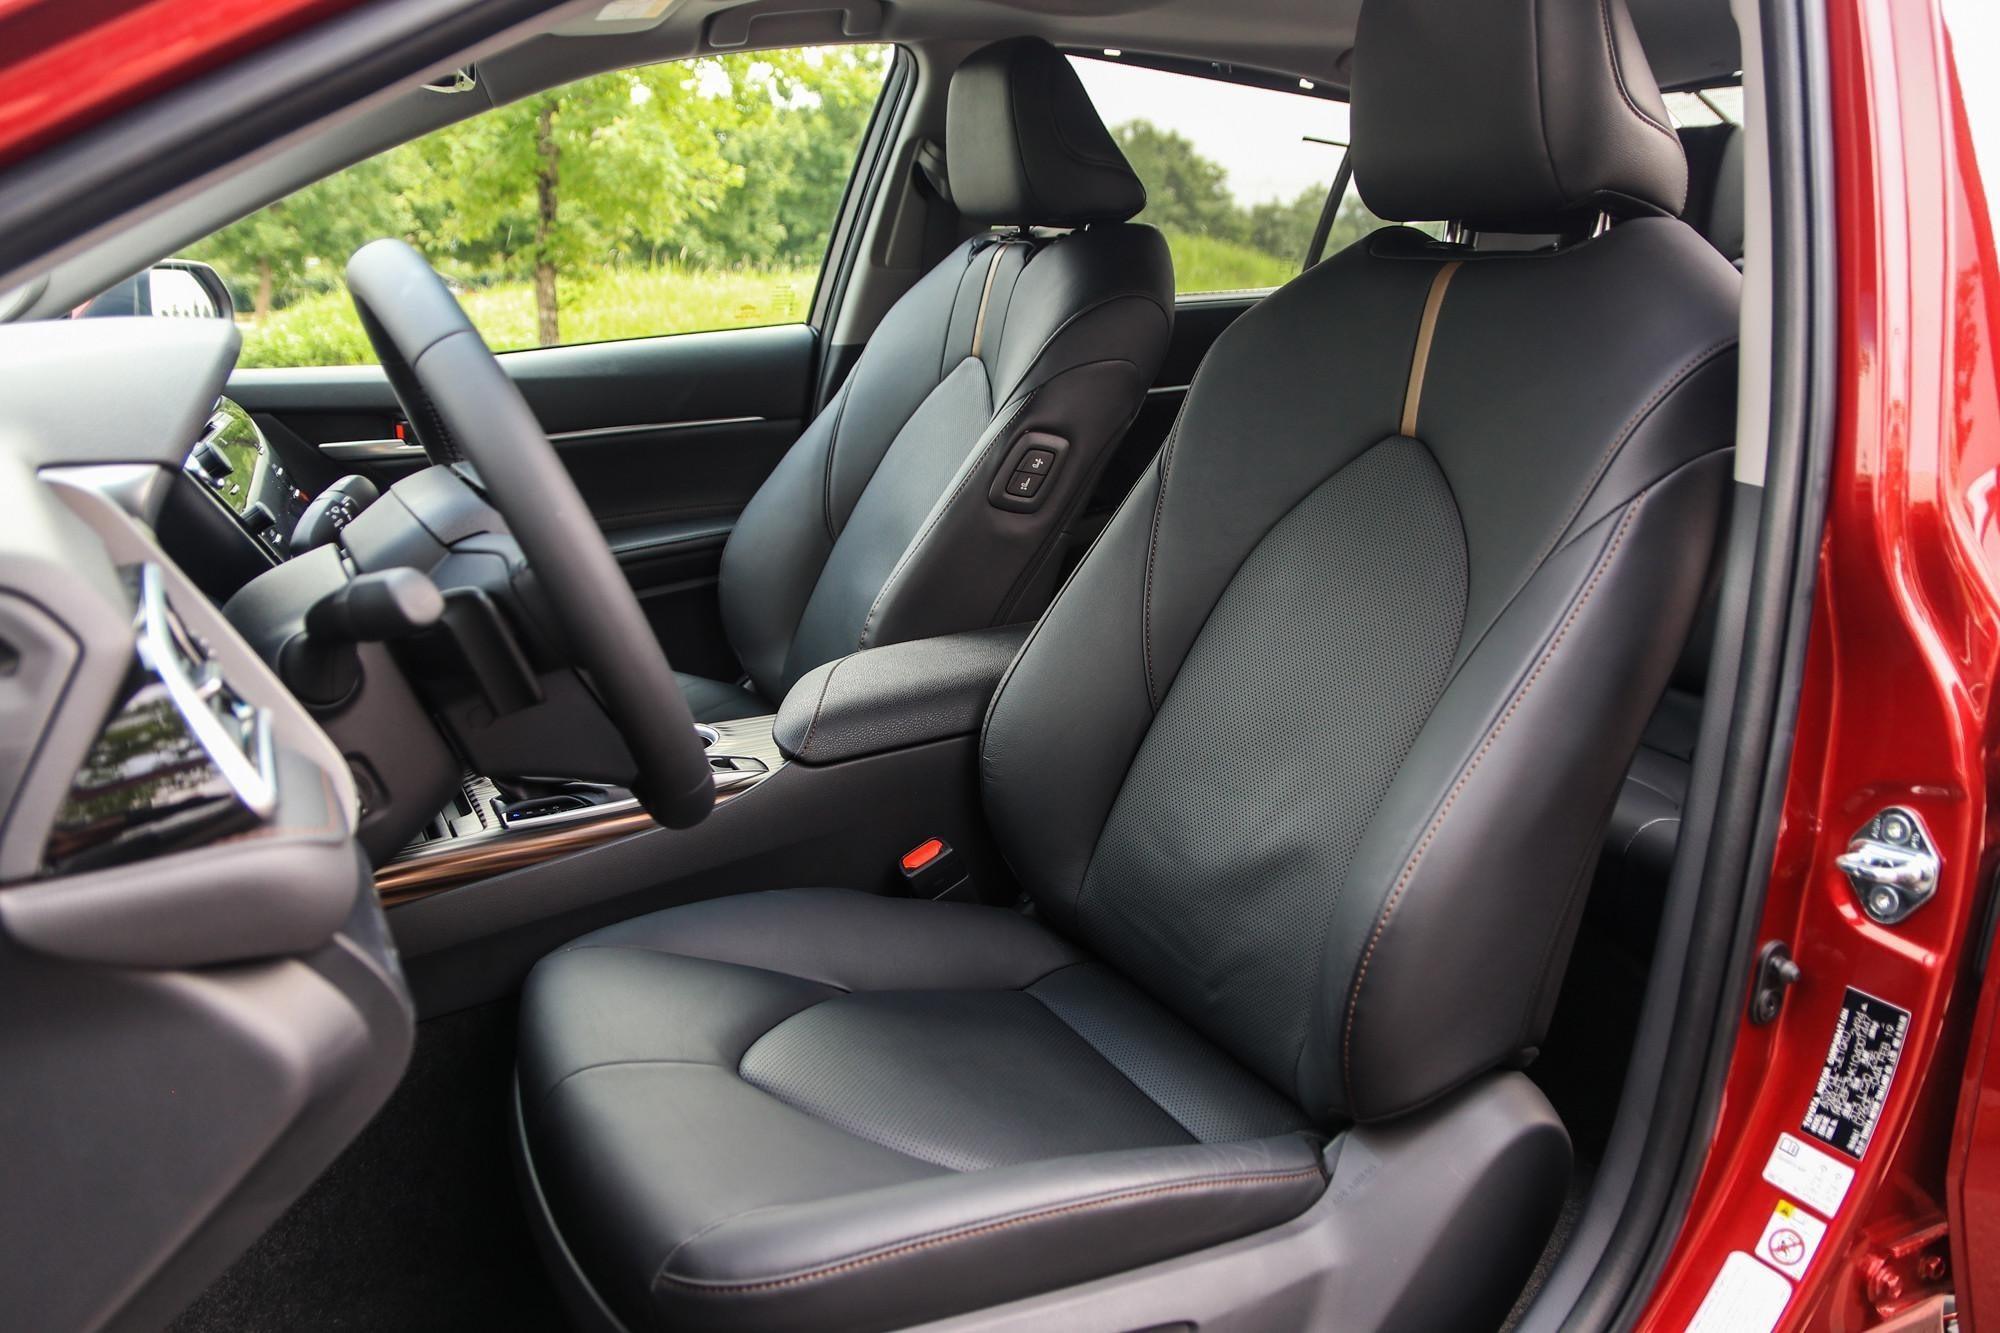 danh gia xe toyota camry 2020 anh 17 - Camry 2020: giá xe và khuyến mãi tháng [hienthithang]